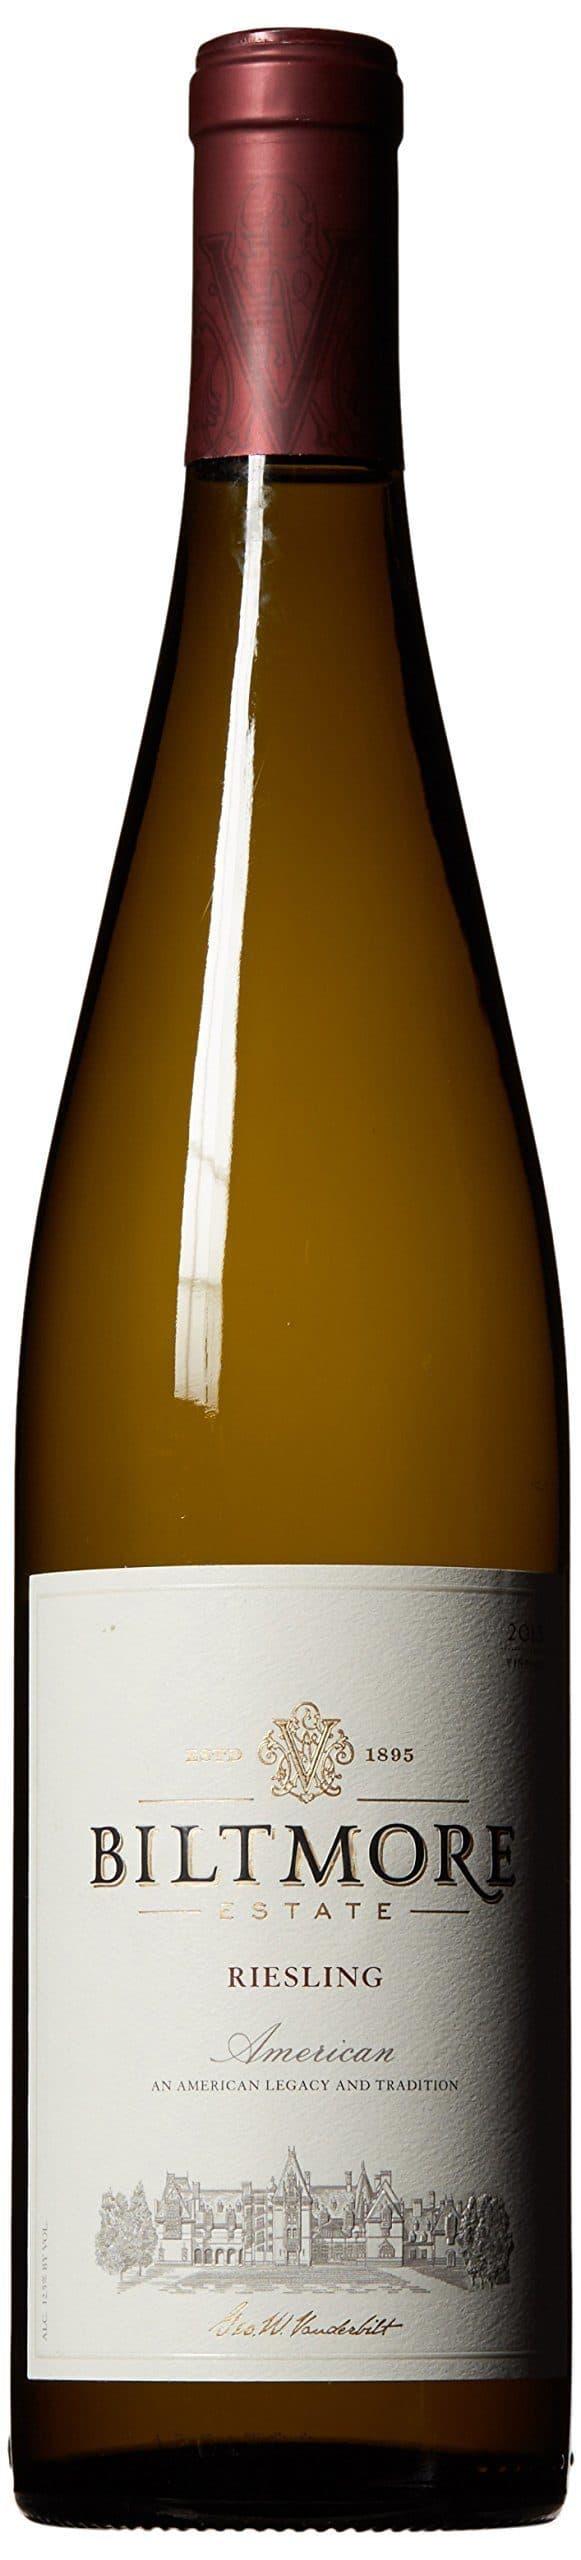 2013 Biltmore Riesling Wine